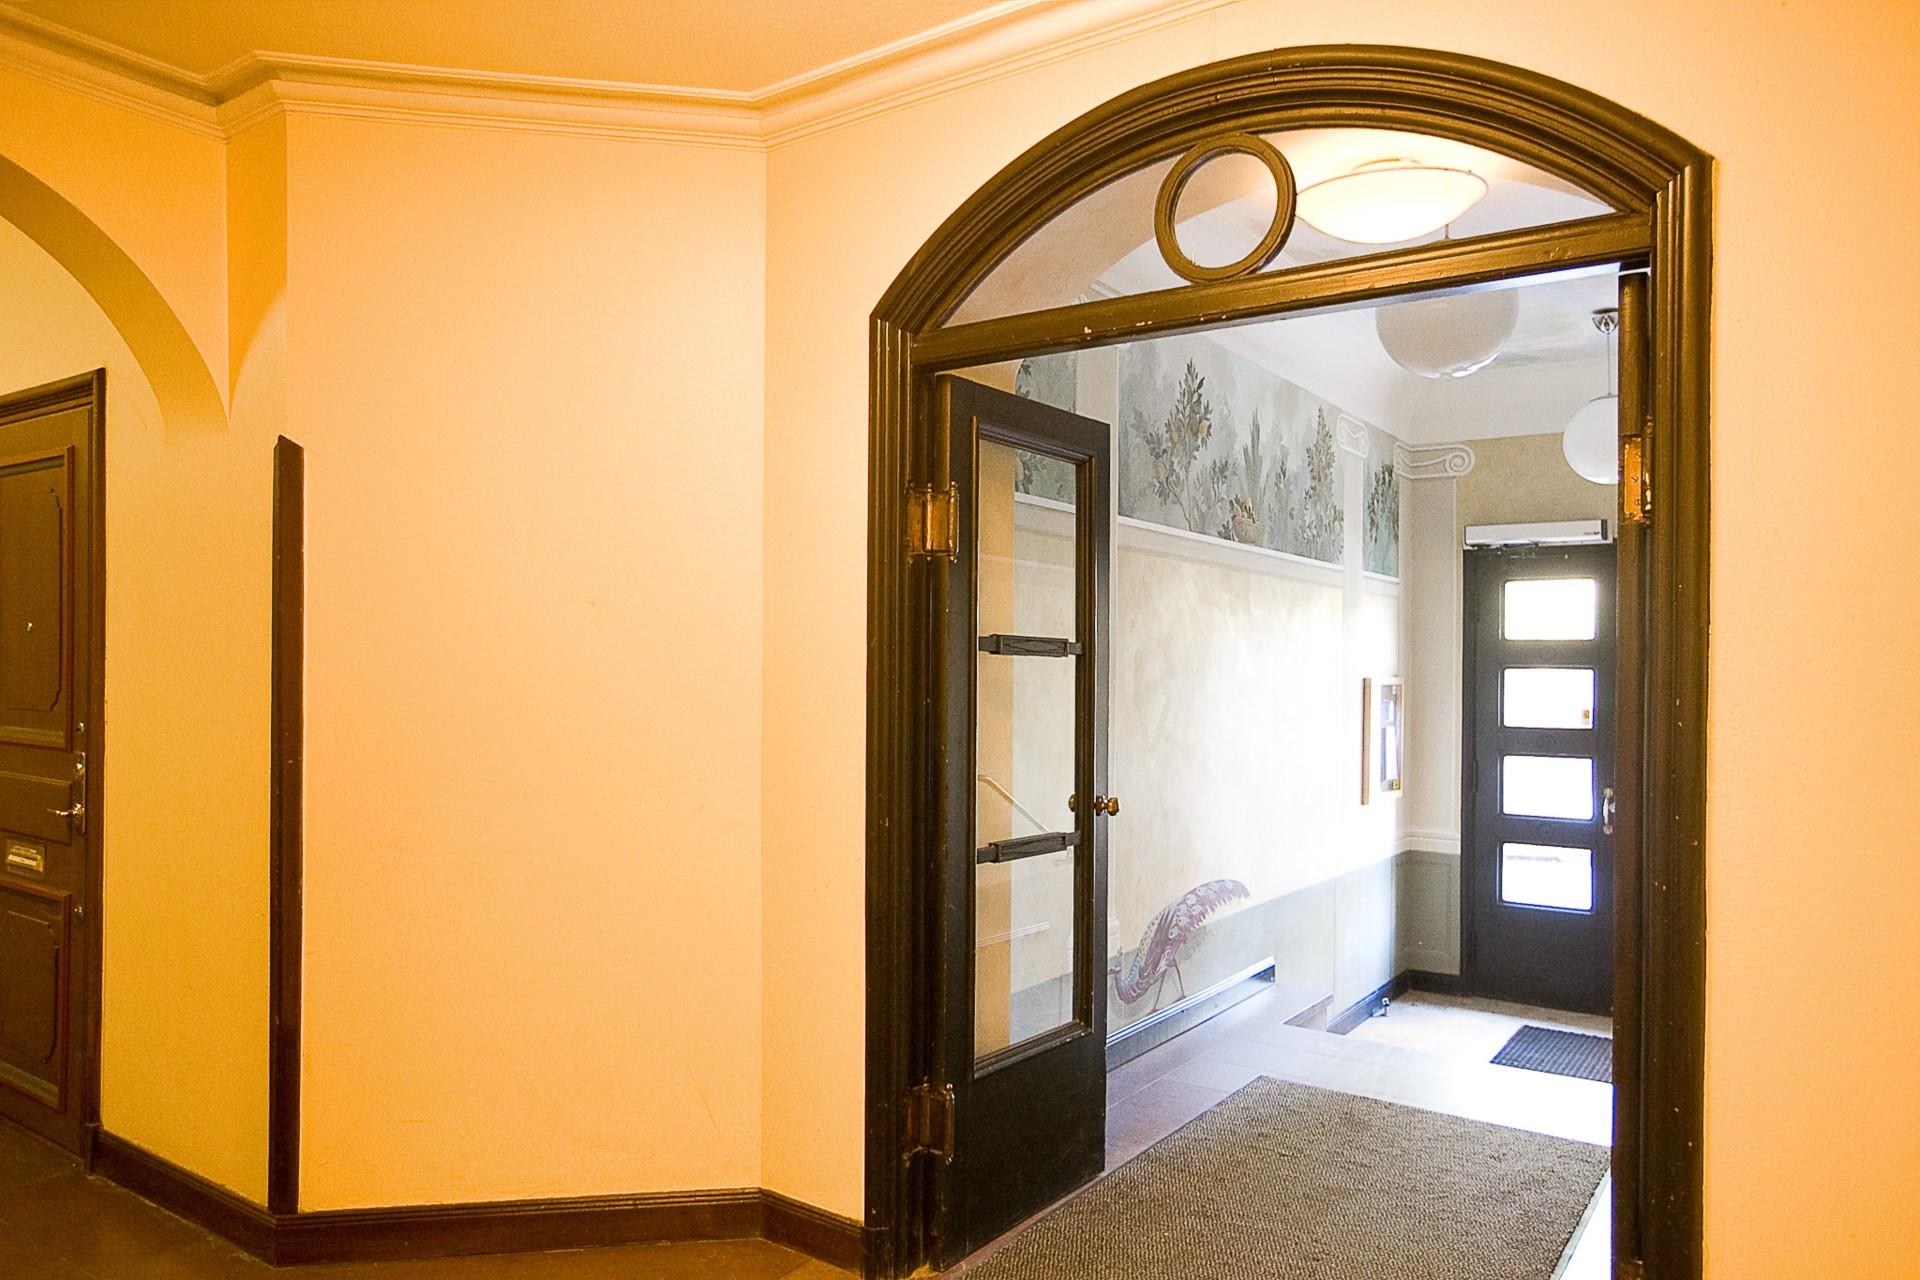 Folkskolegatan 20 - Ståligt entré - dubbla trappuppgångar